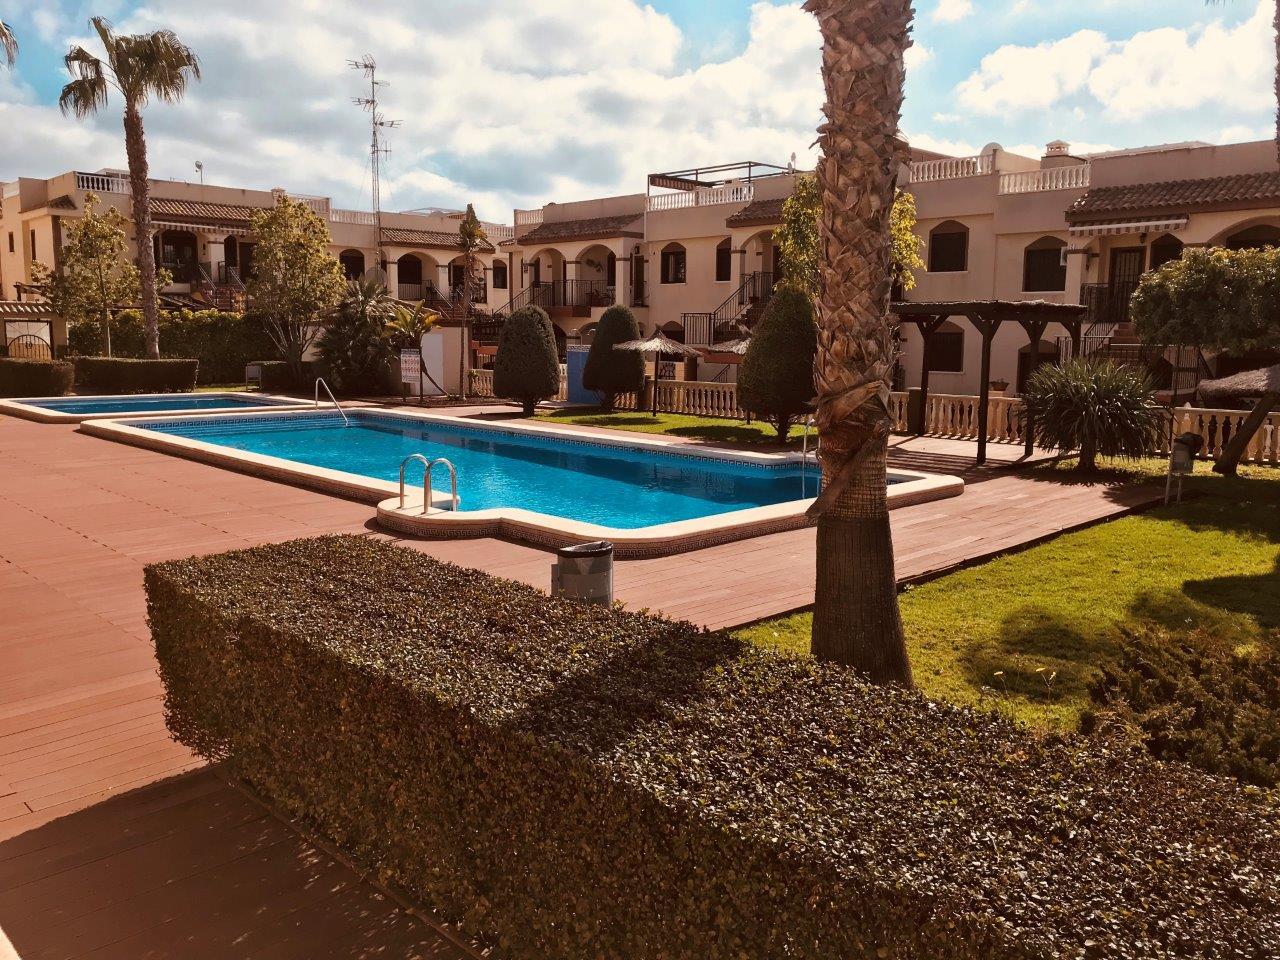 Huur een appartement in Torrevieja